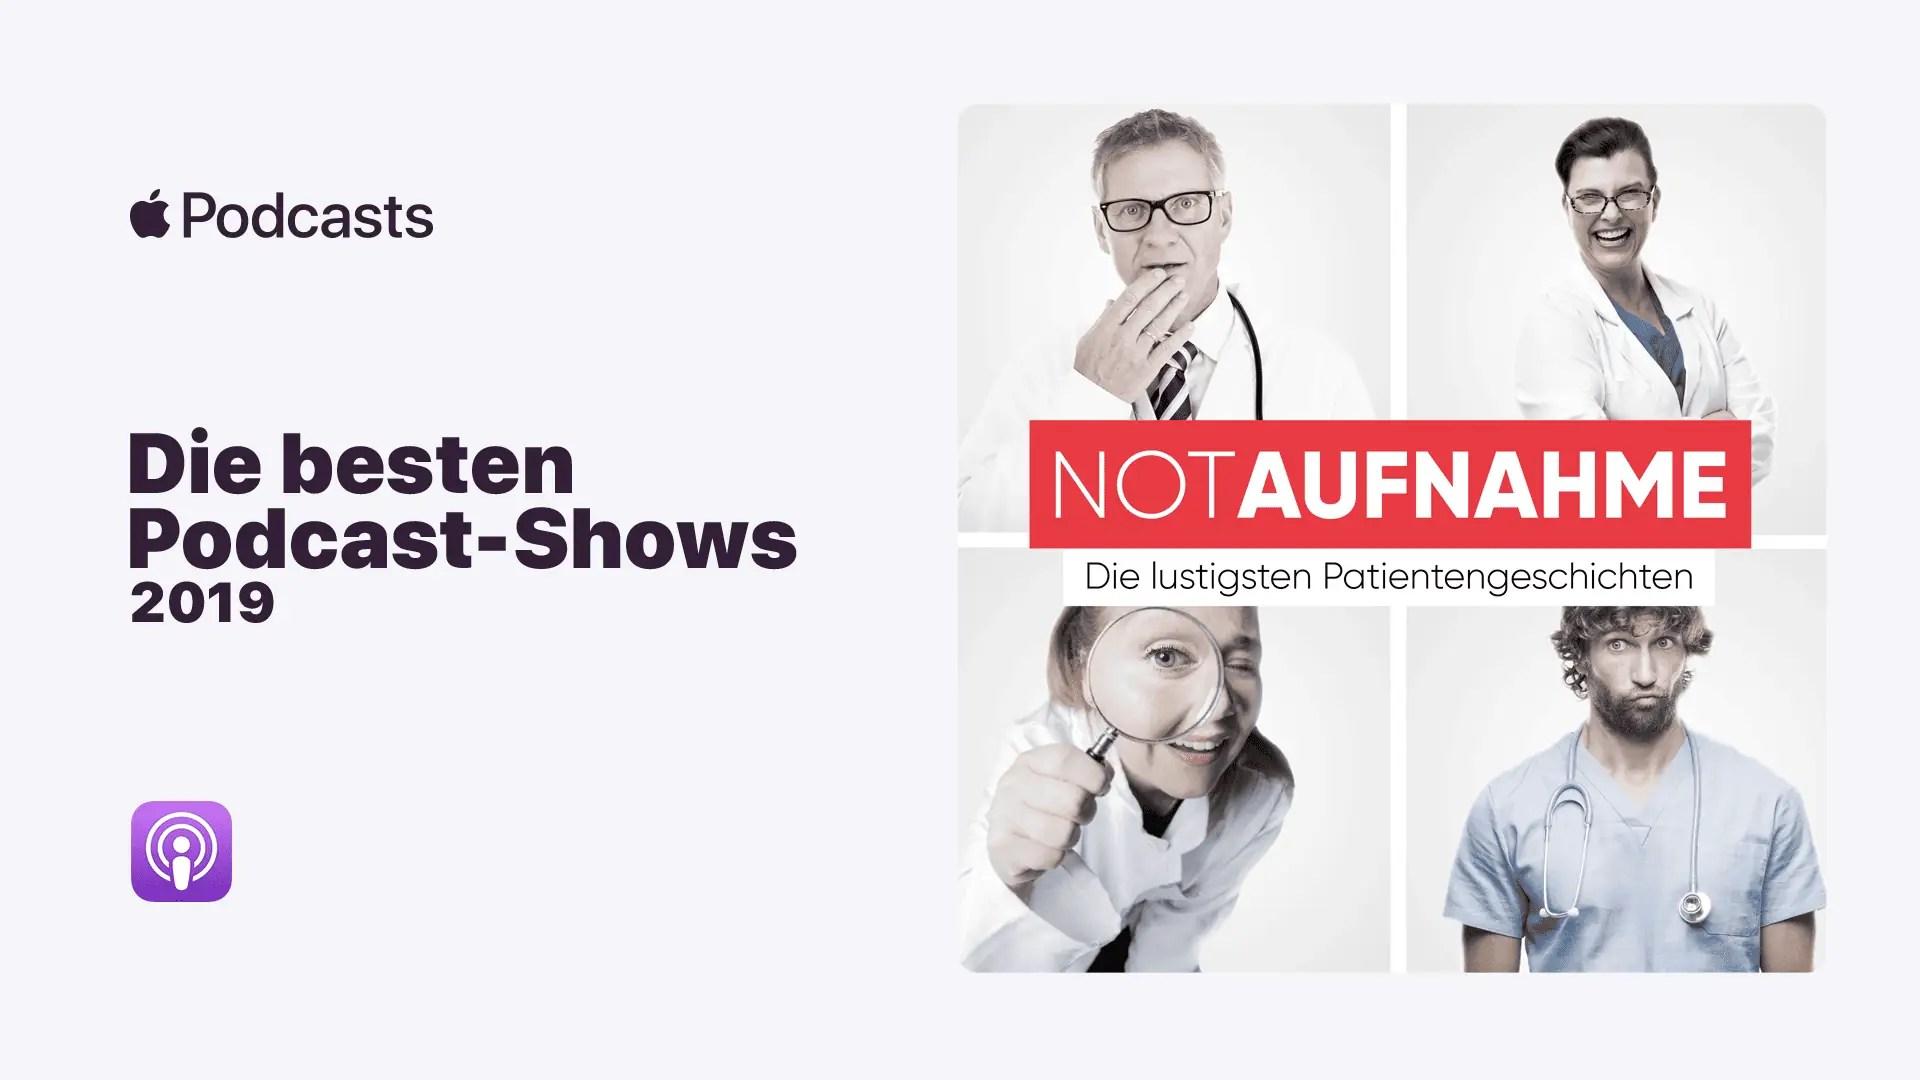 """""""NotAufnahme - Die lustigsten Patientengeschichten"""" ist einer der besten Podcasts 2019"""